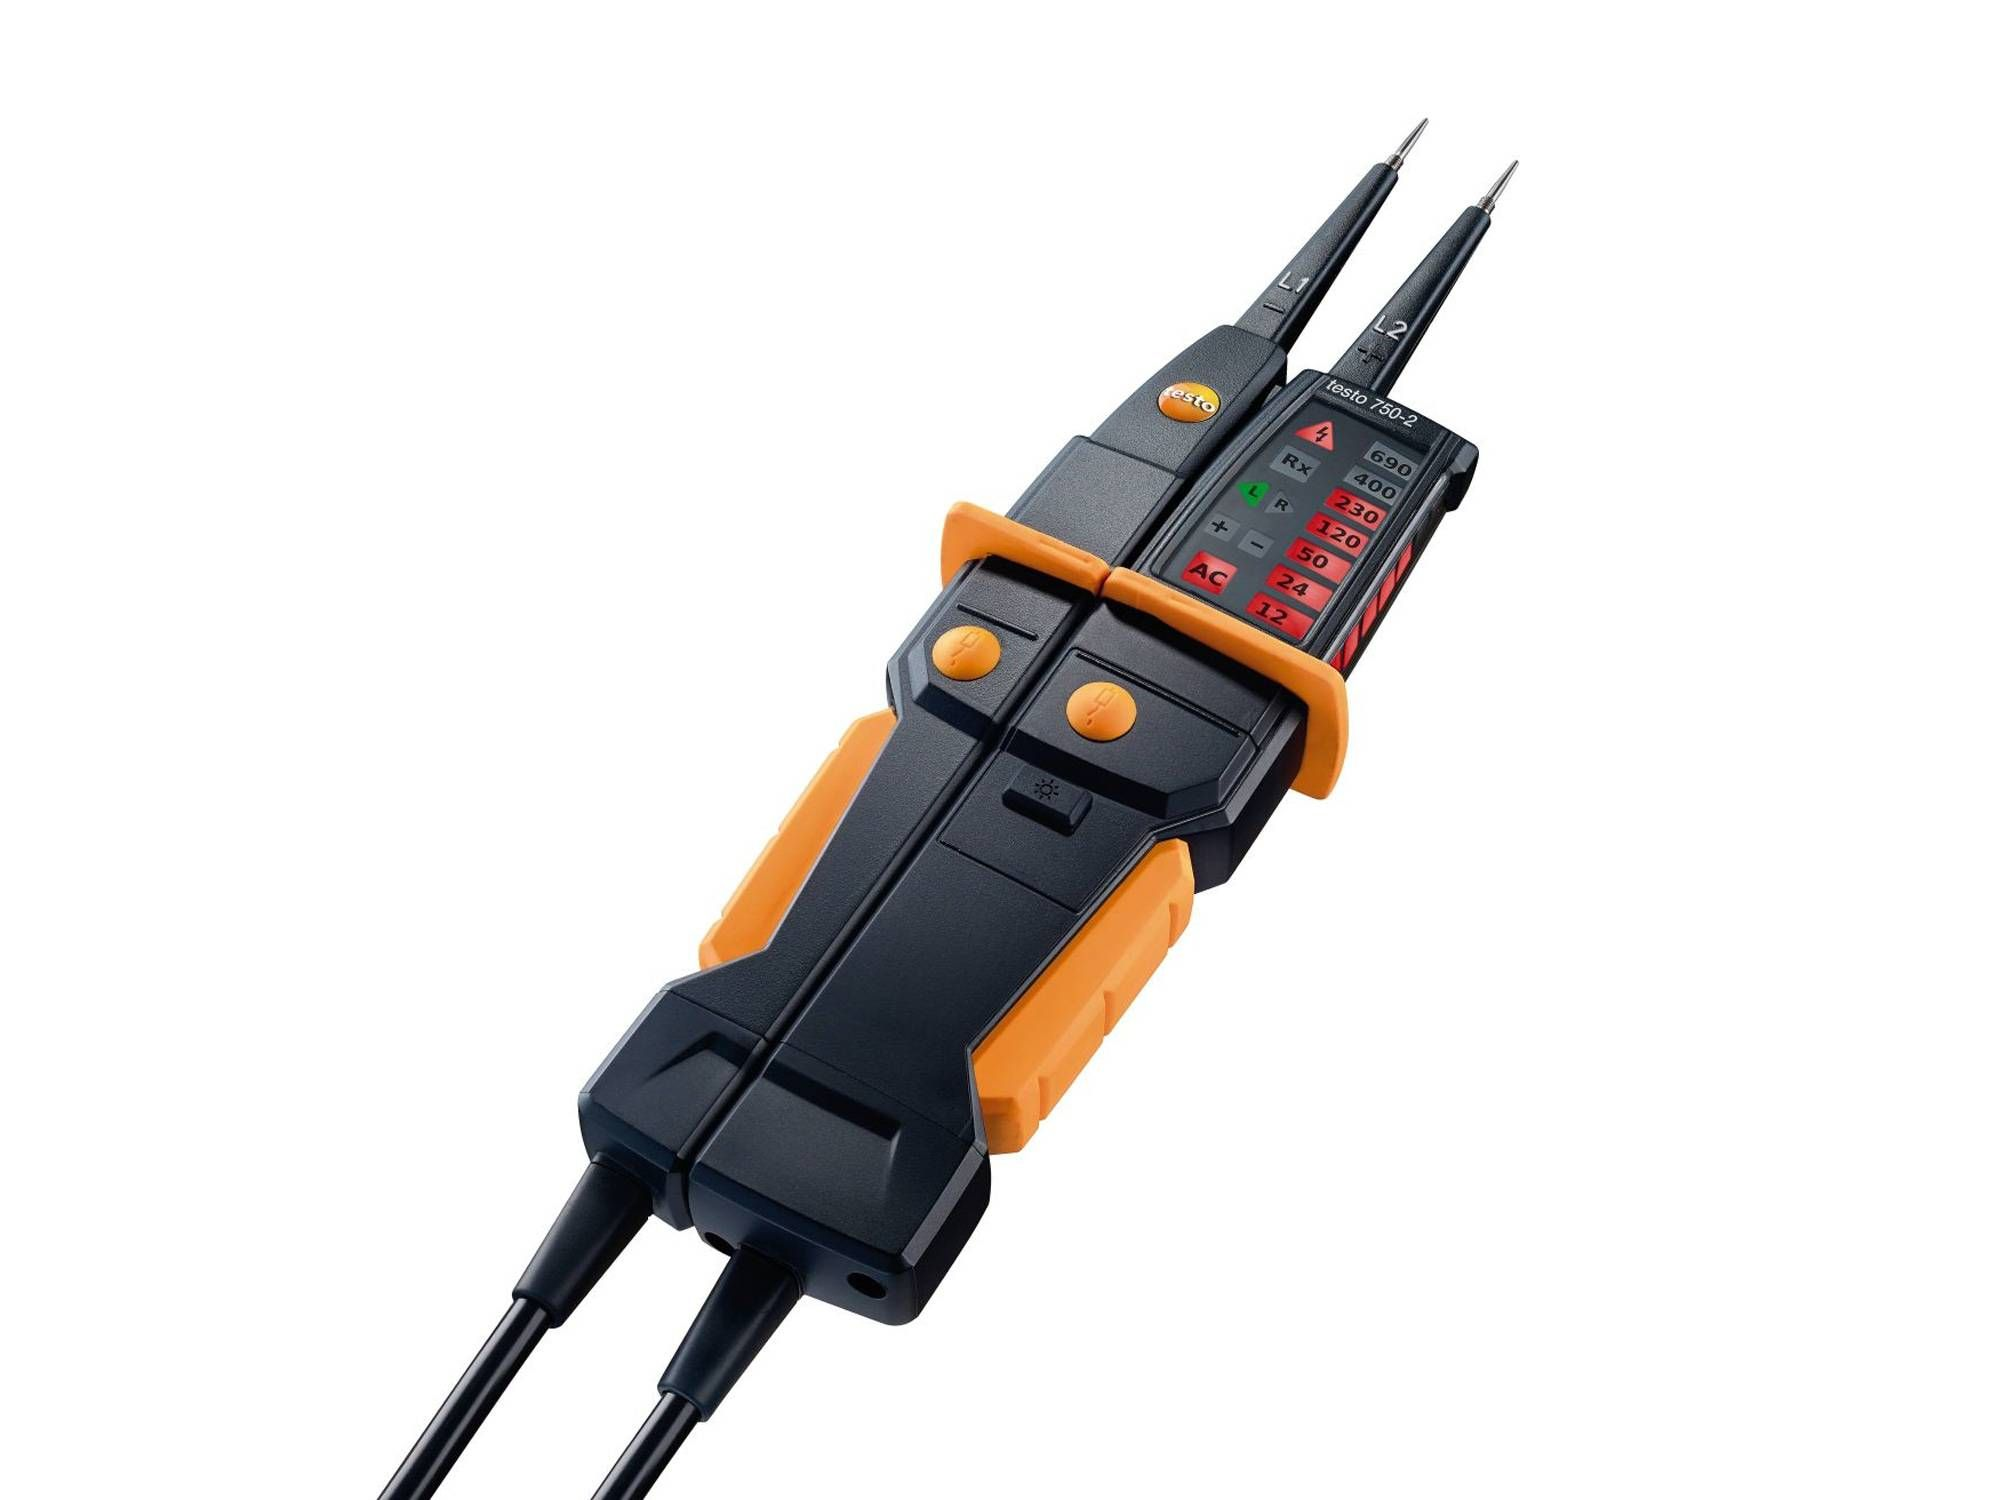 Spannungsprüfer testo 750-2